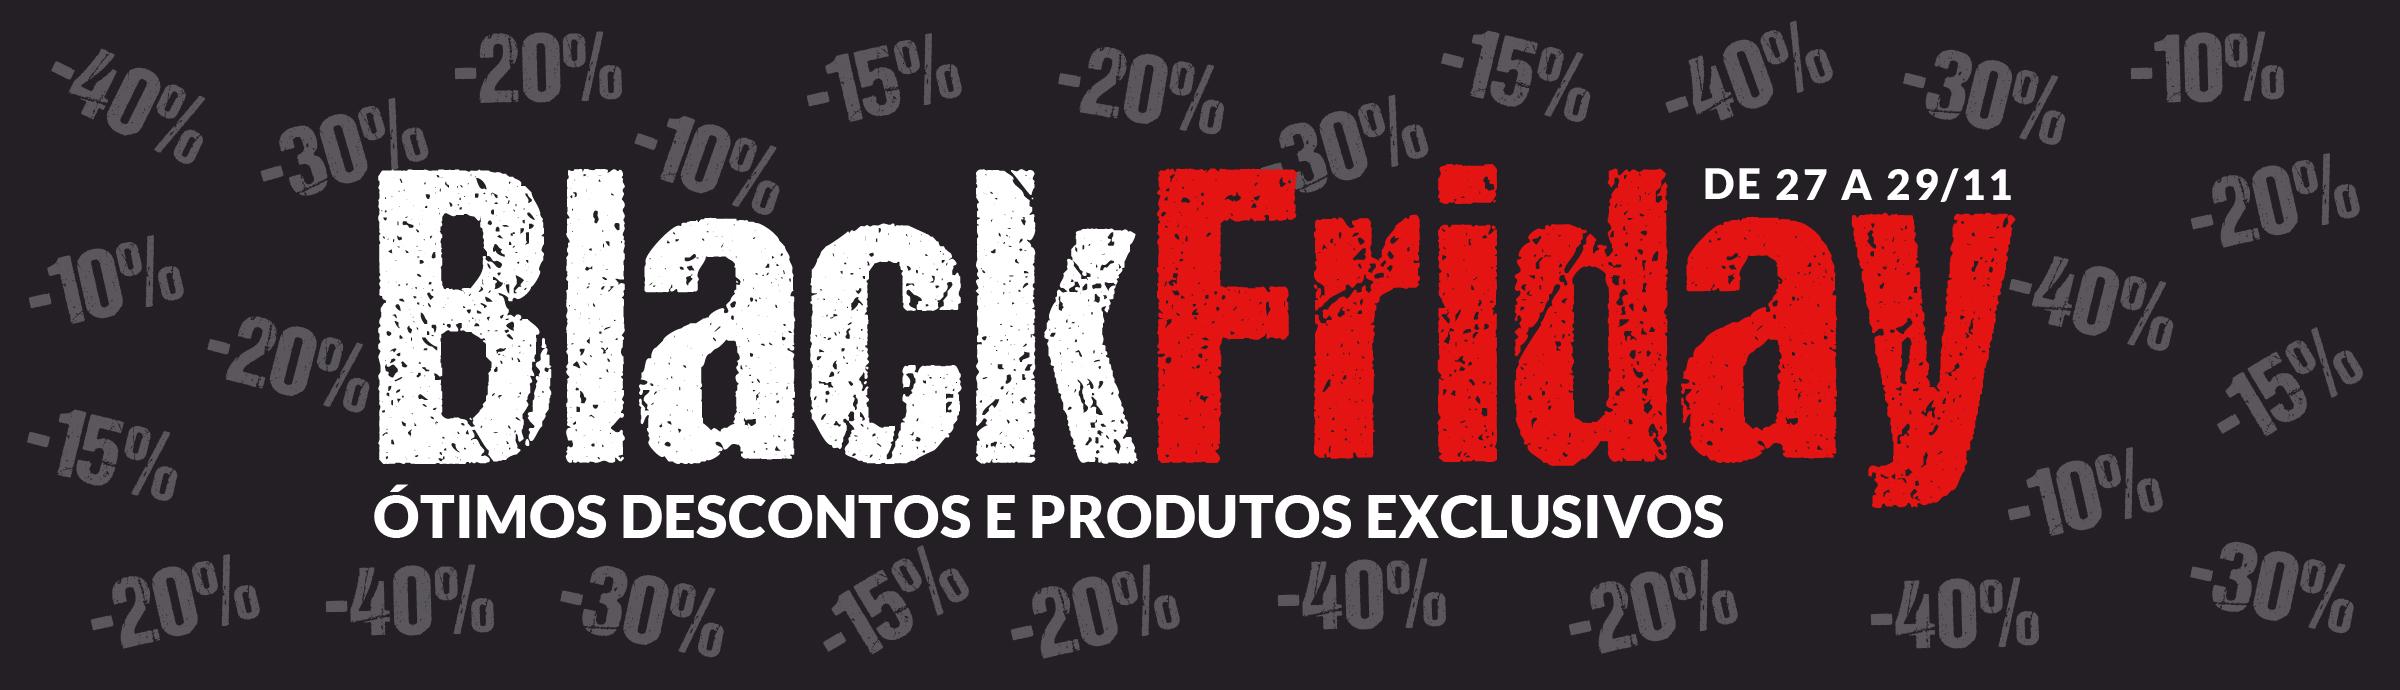 Black Friday Patrulha Pata 2020